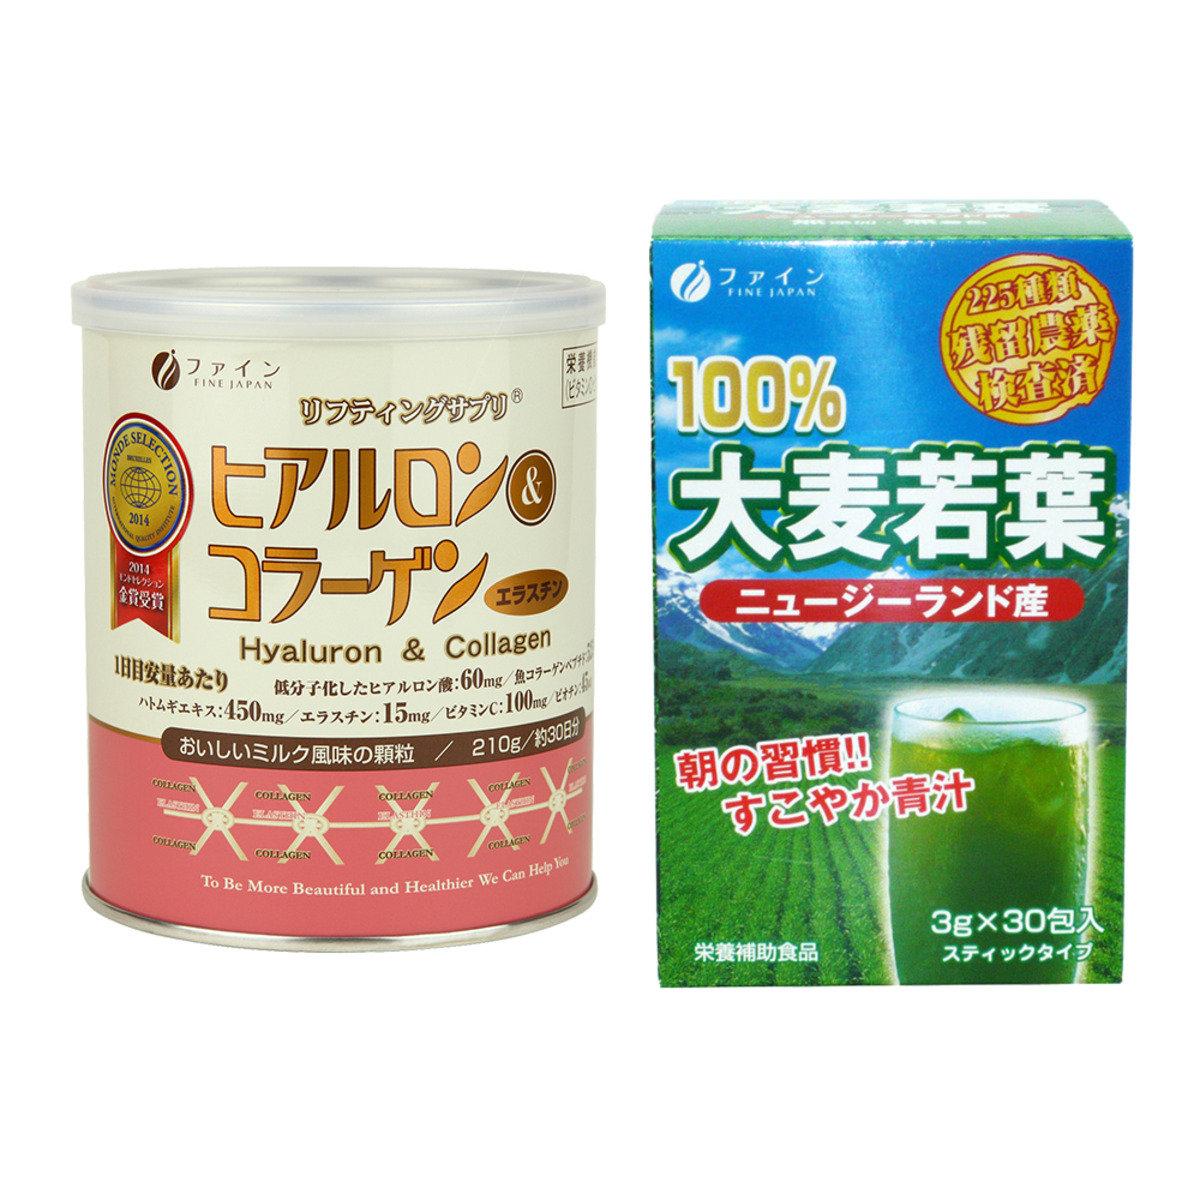 美容消豆套裝 ( 膠原蛋白 1罐 + 大麥若葉 1 盒)